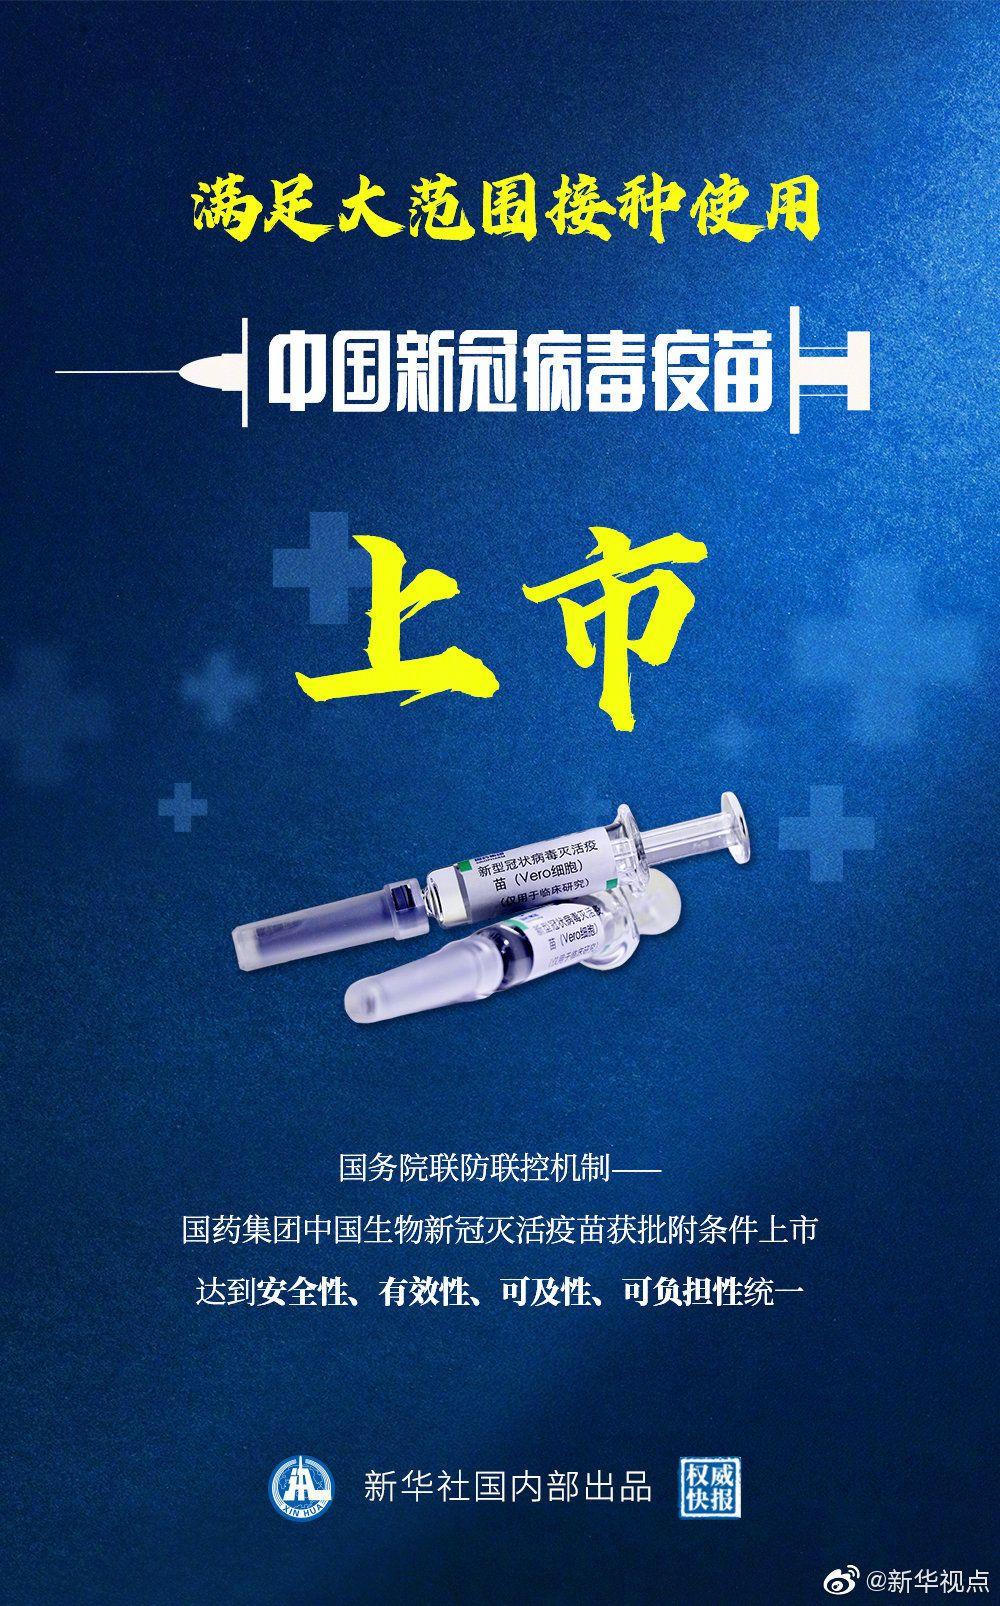 中国新冠病毒疫苗上市 为全球战胜疫情注入信心,外汇网站